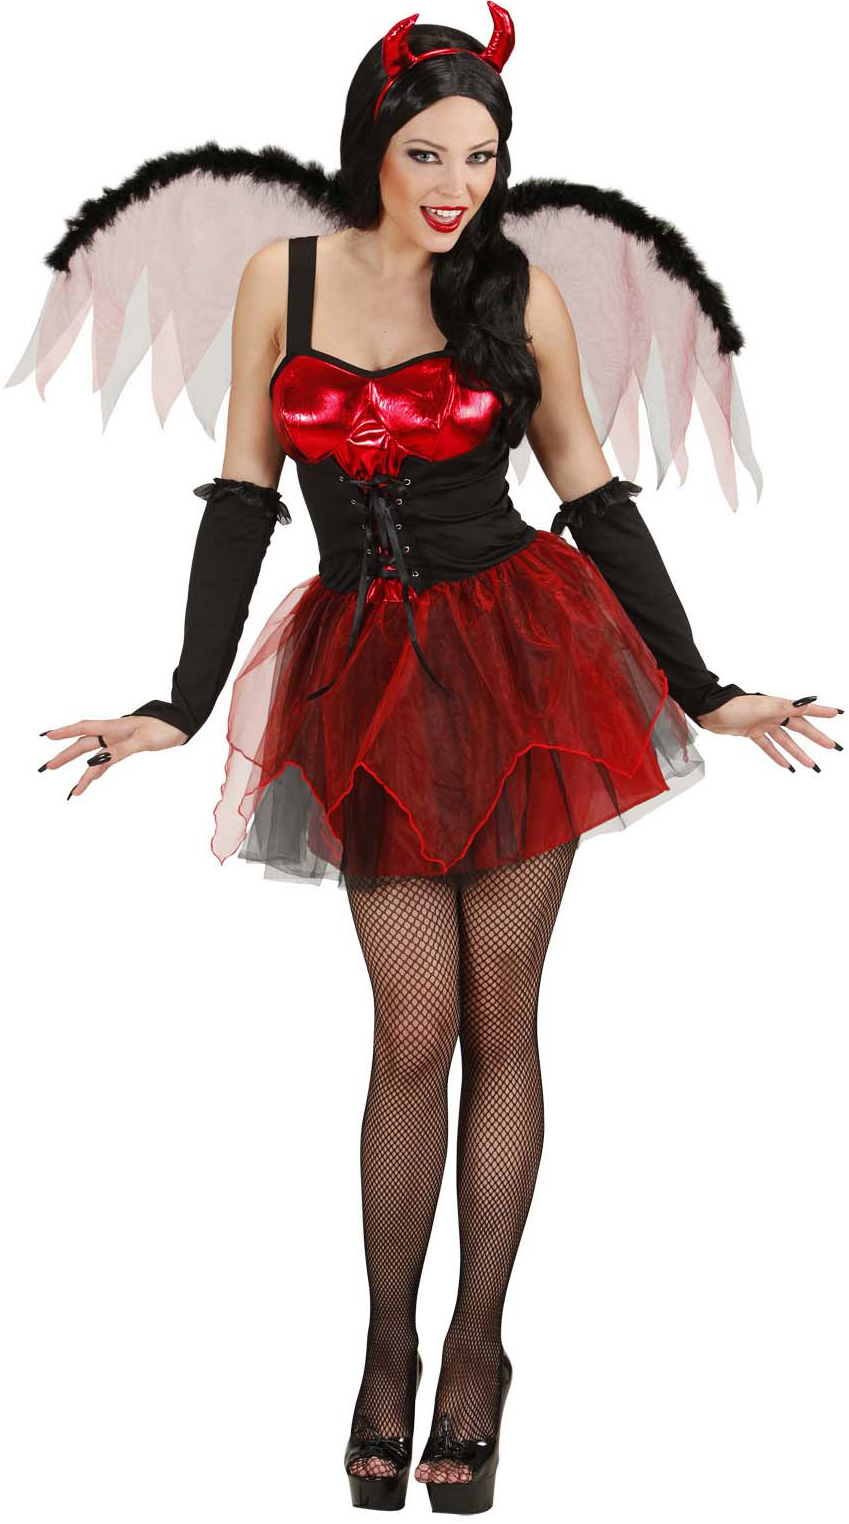 d guisement diablesse rouge sexy femme halloween deguise toi achat de d guisements adultes. Black Bedroom Furniture Sets. Home Design Ideas